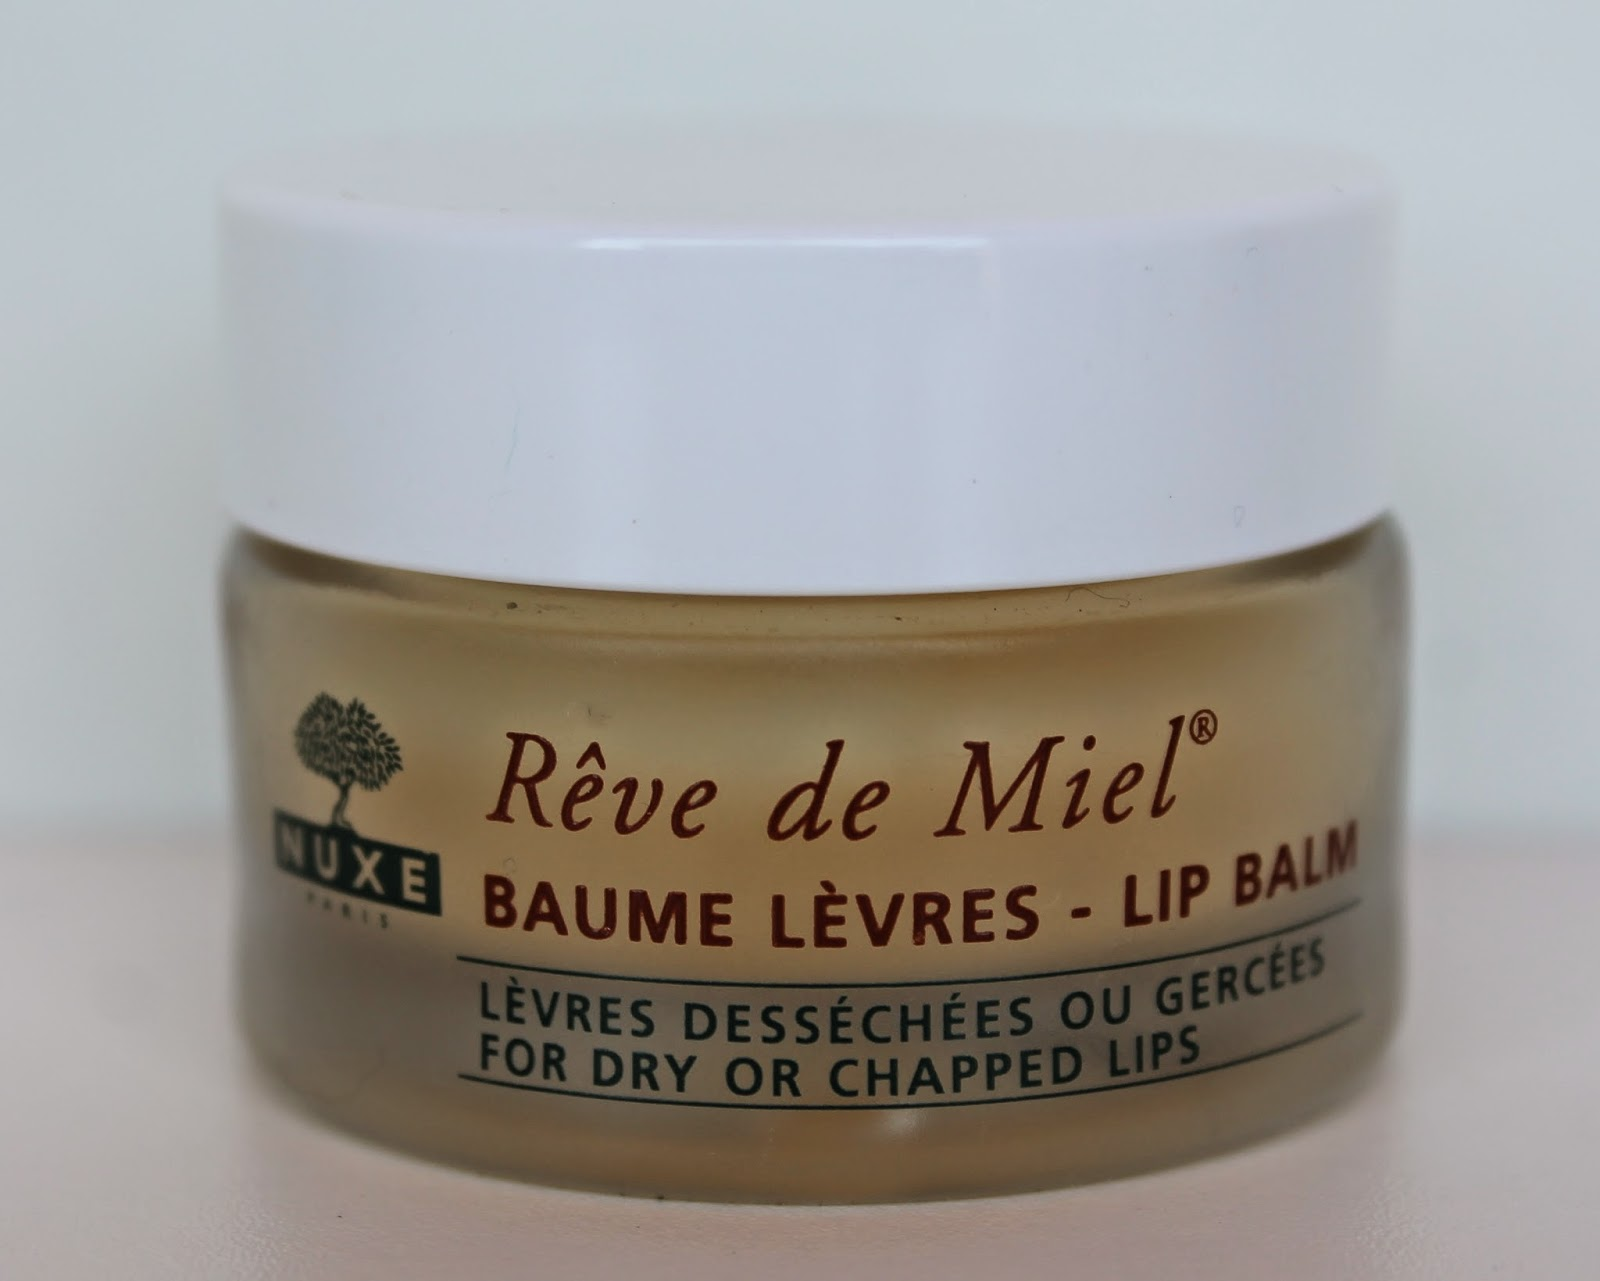 Baume Lèvres Rêve de miel Nuxe